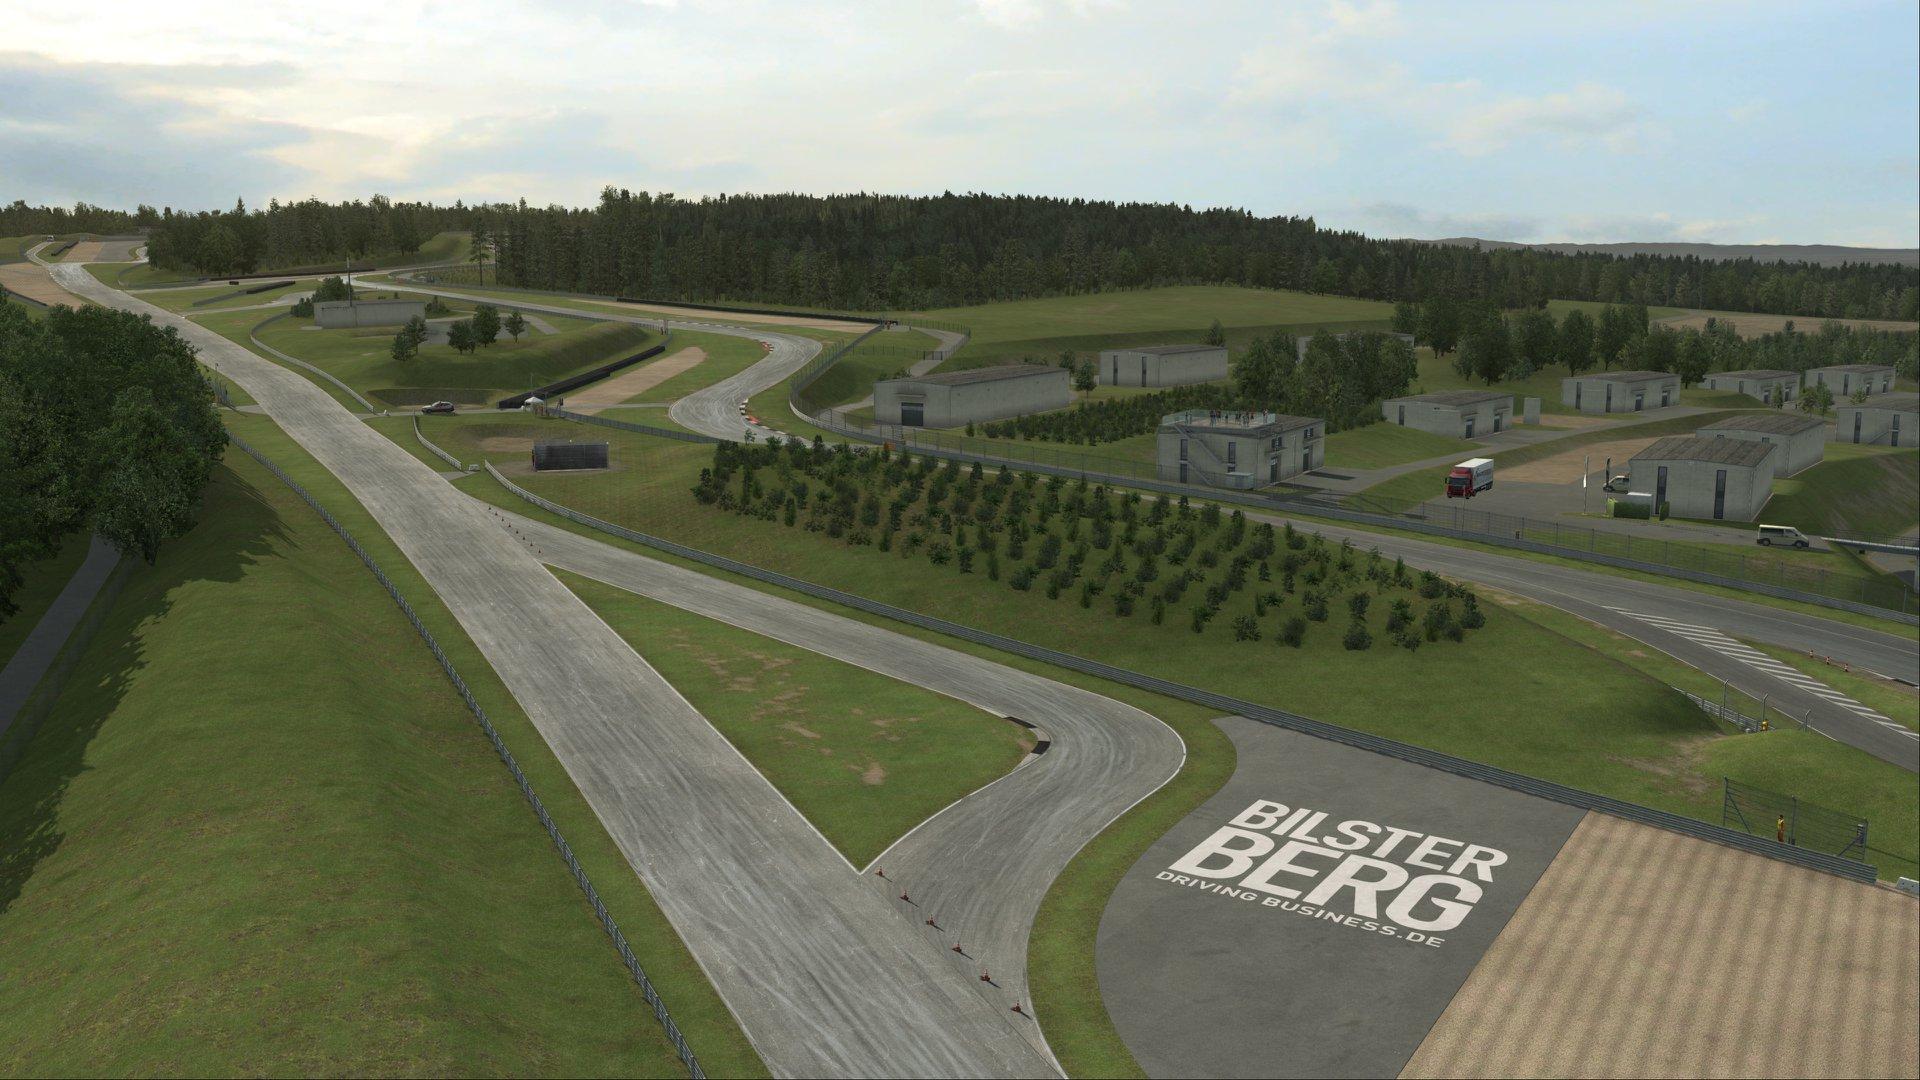 Circuit de Bilster Berg RaceRoom